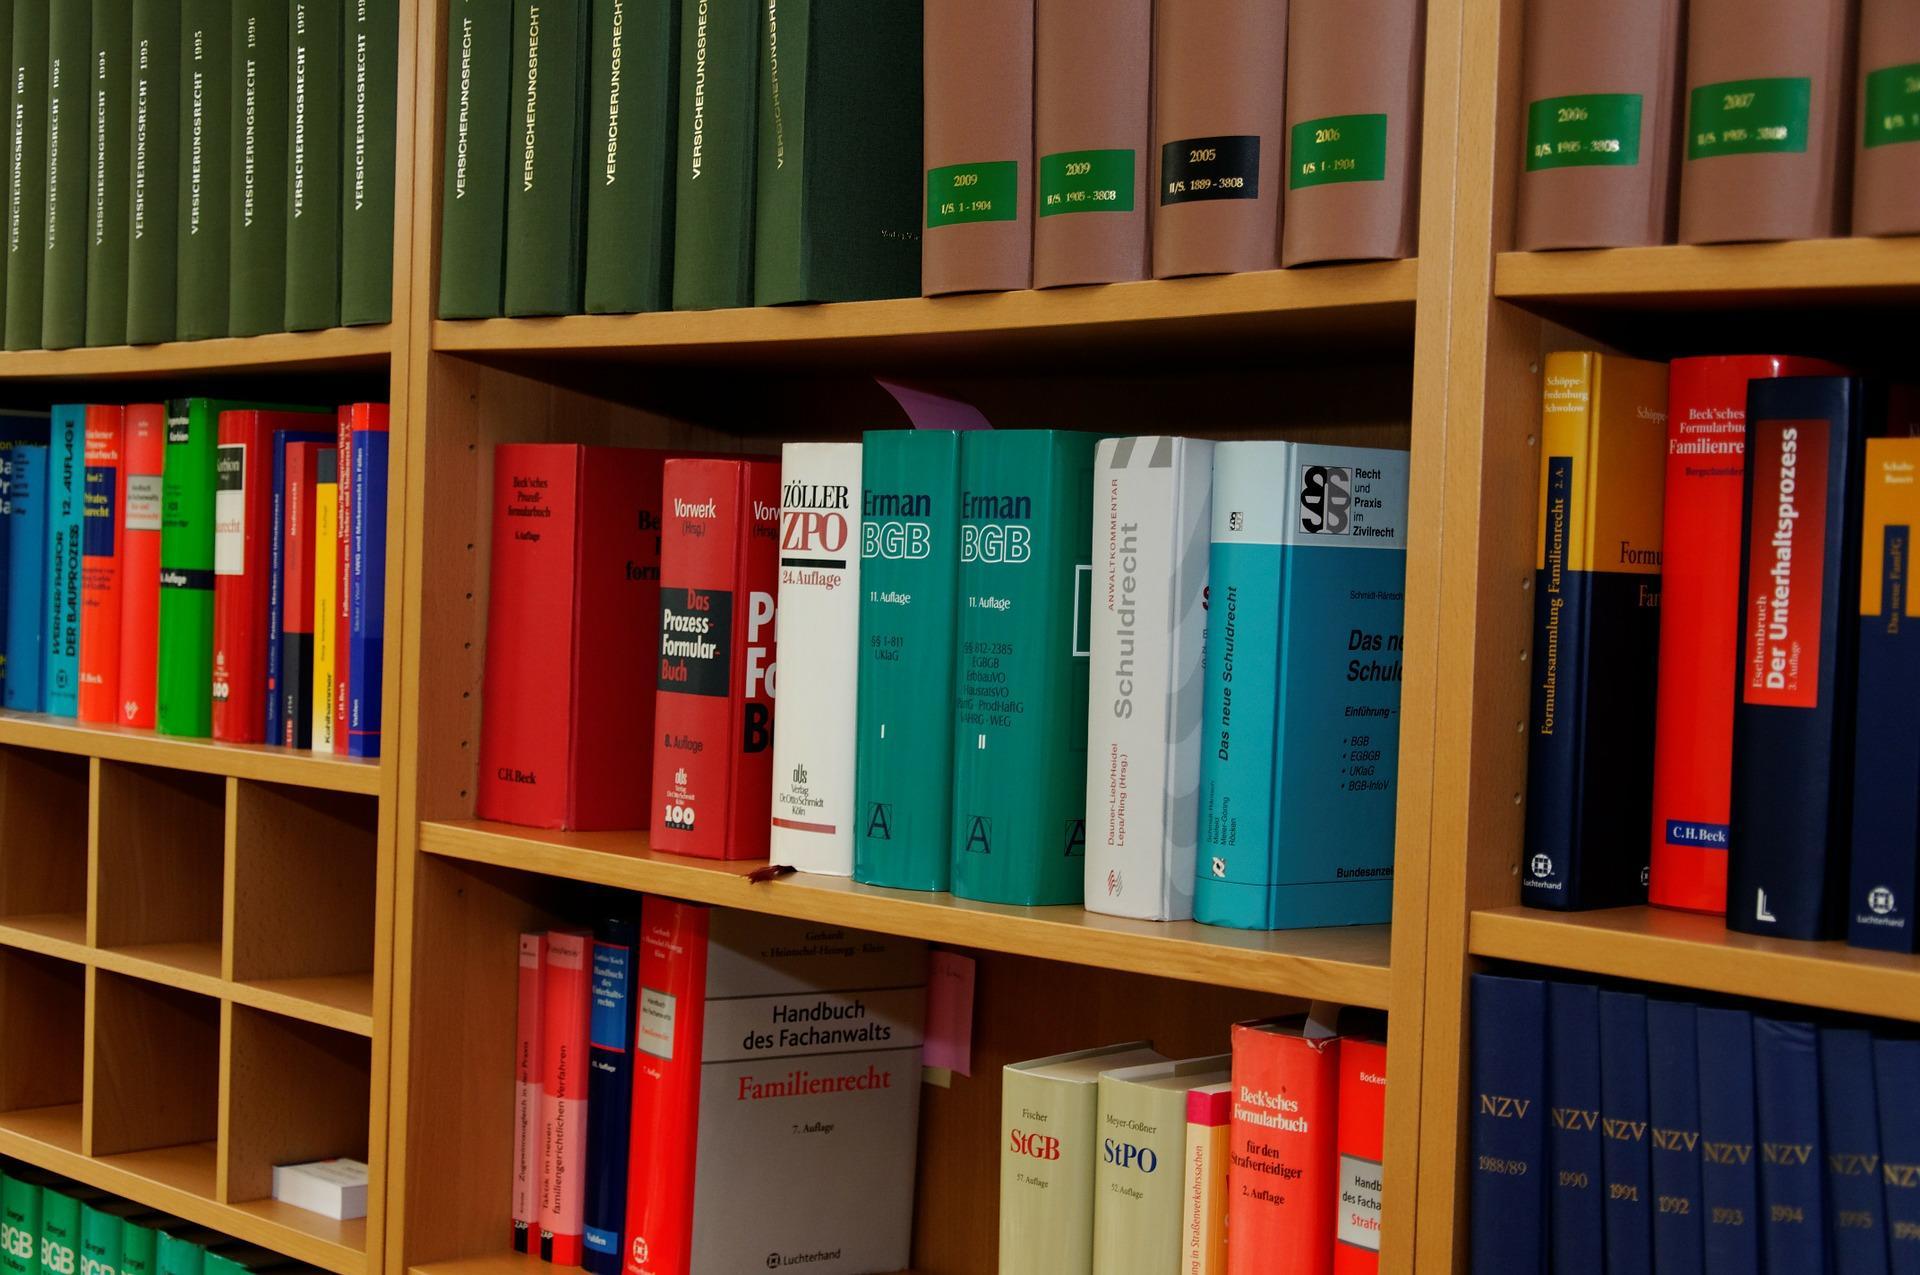 Unterbevollmächtigung eines Rechtsanwalts durch ein Inkassobüro